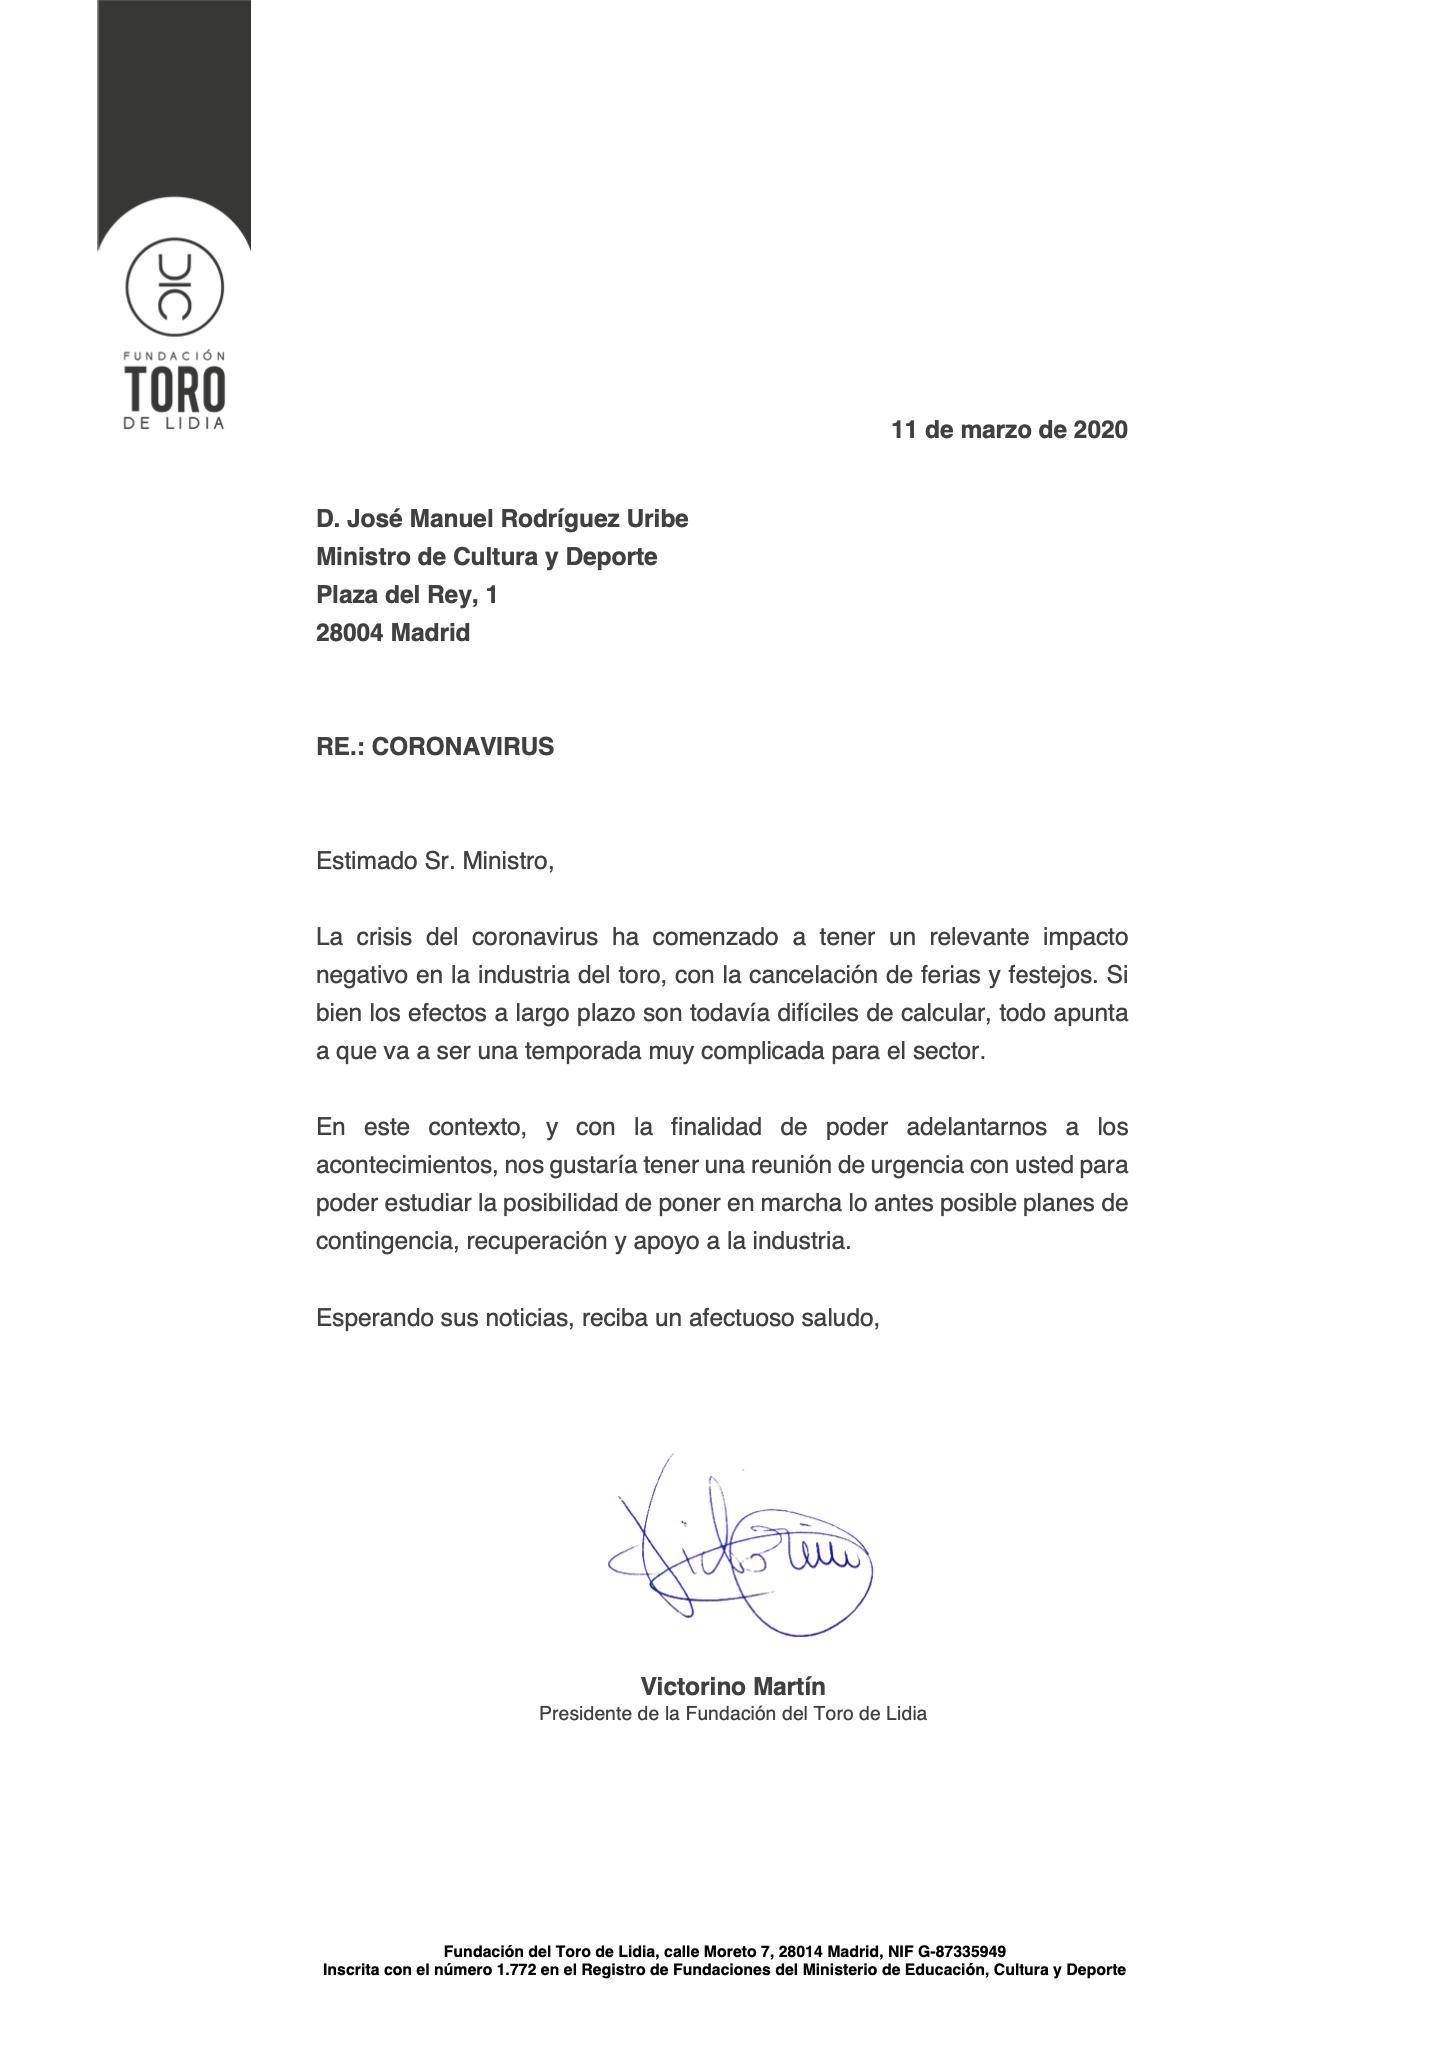 La FTL solicita una reunión con el Ministro de Cultura por la crisis del Coronavirus